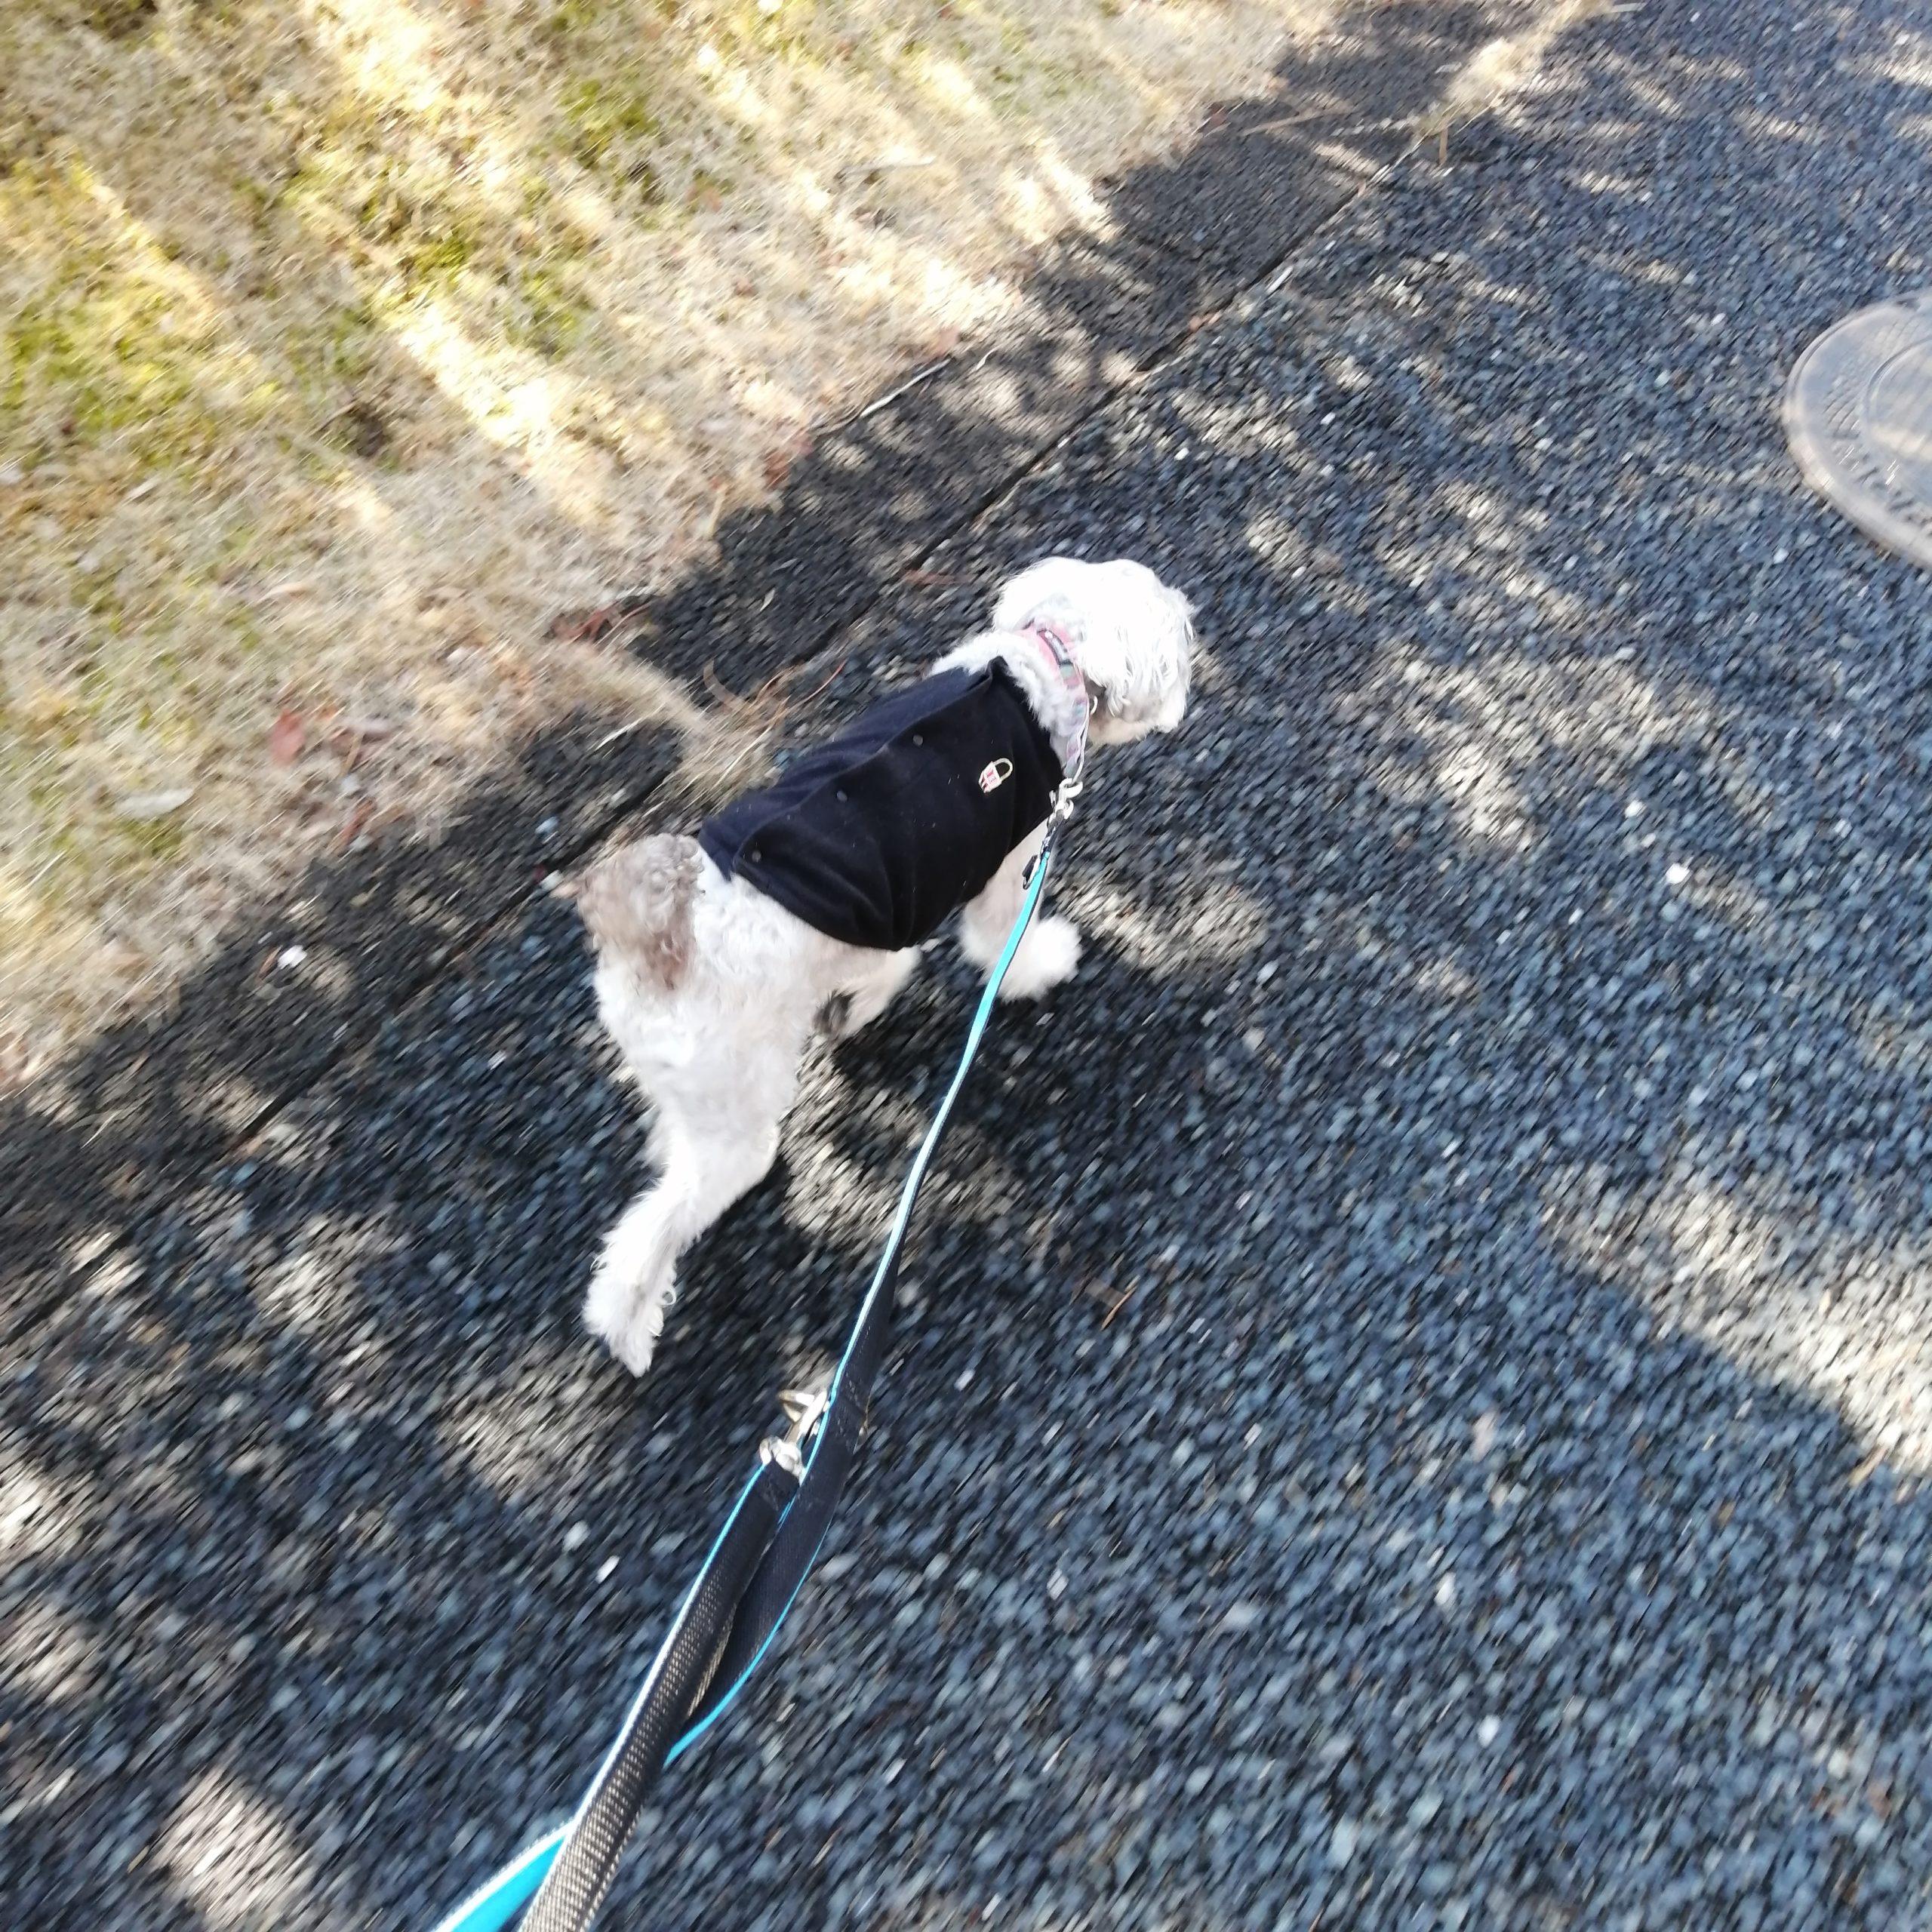 静岡県内でペットと遊ぶ 静岡県浜松市 浜名湖ガーデンパーク ワンコとの散歩にちょうどよい